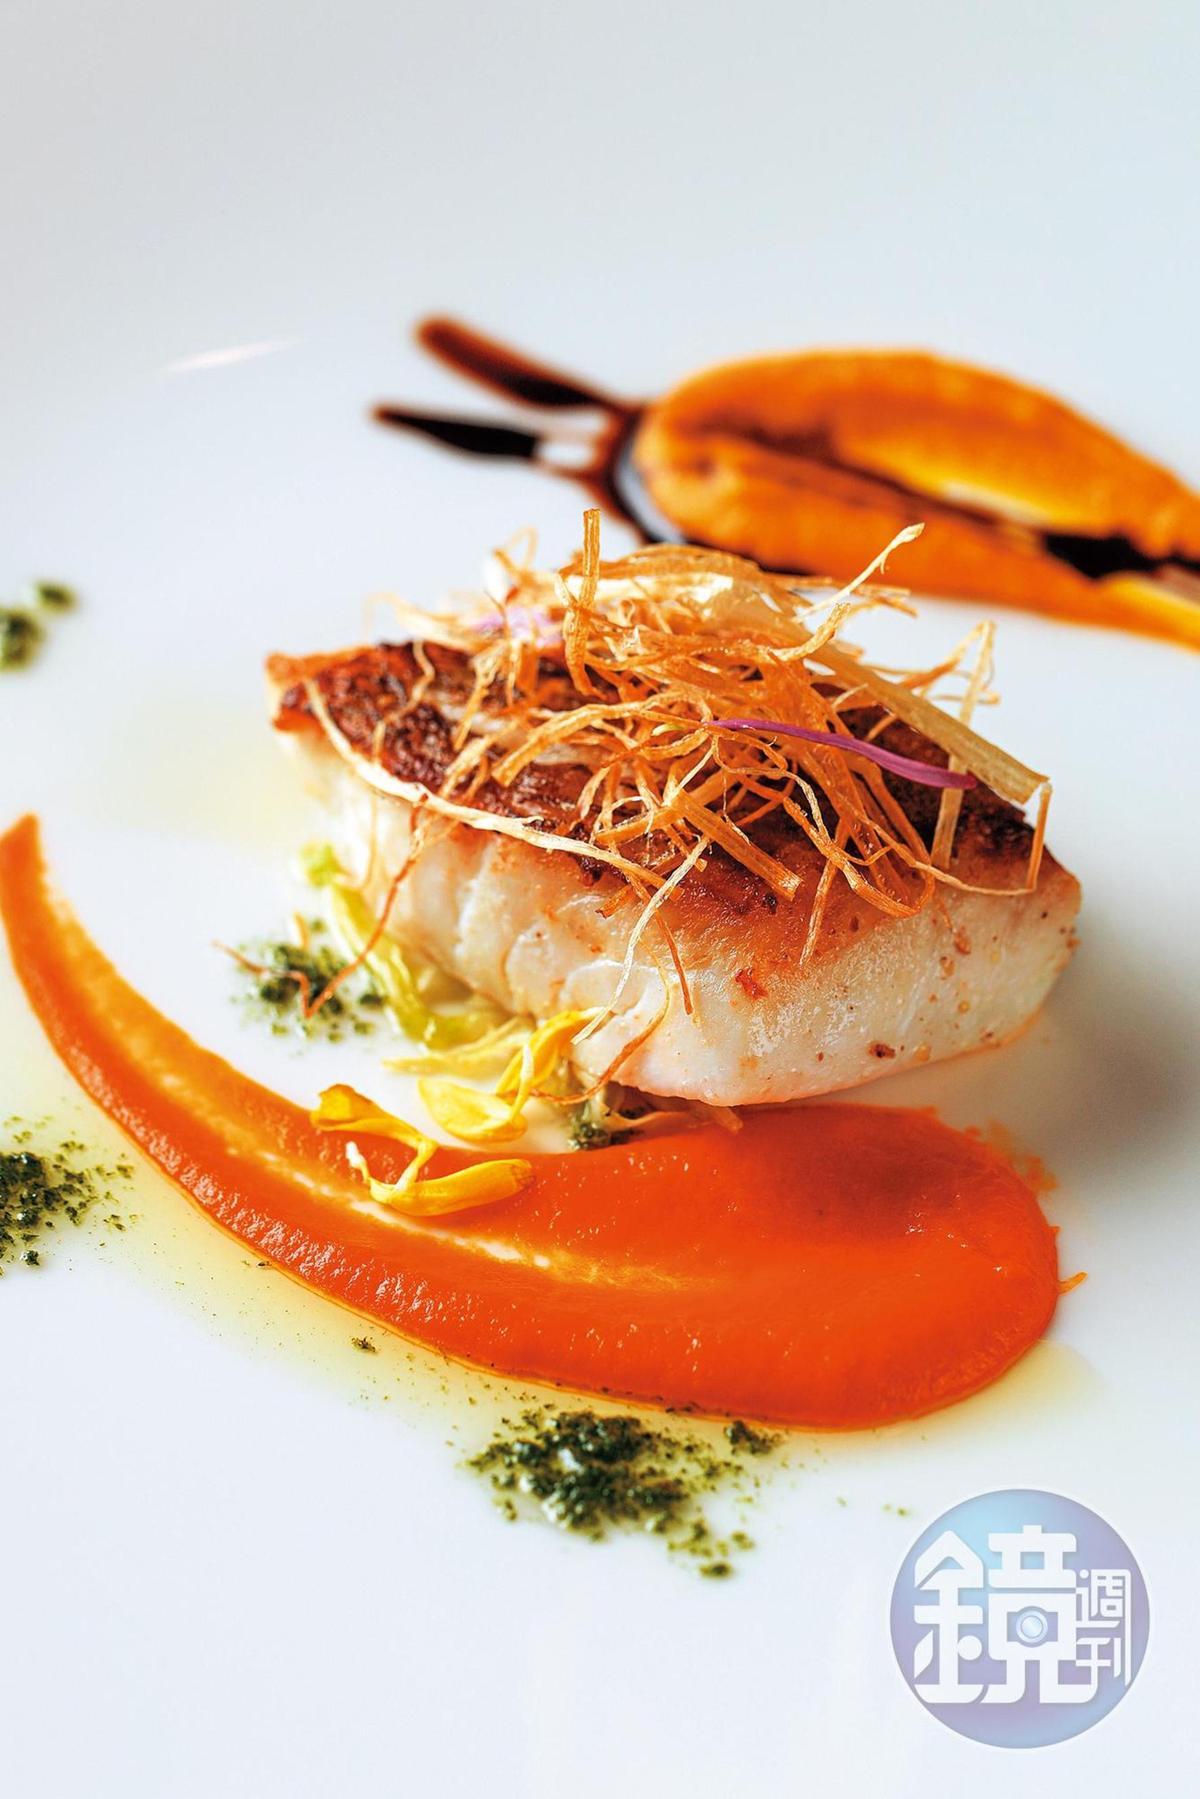 一泊二食可選擇洋食,主菜是煎魚,肉質細嫩可口。